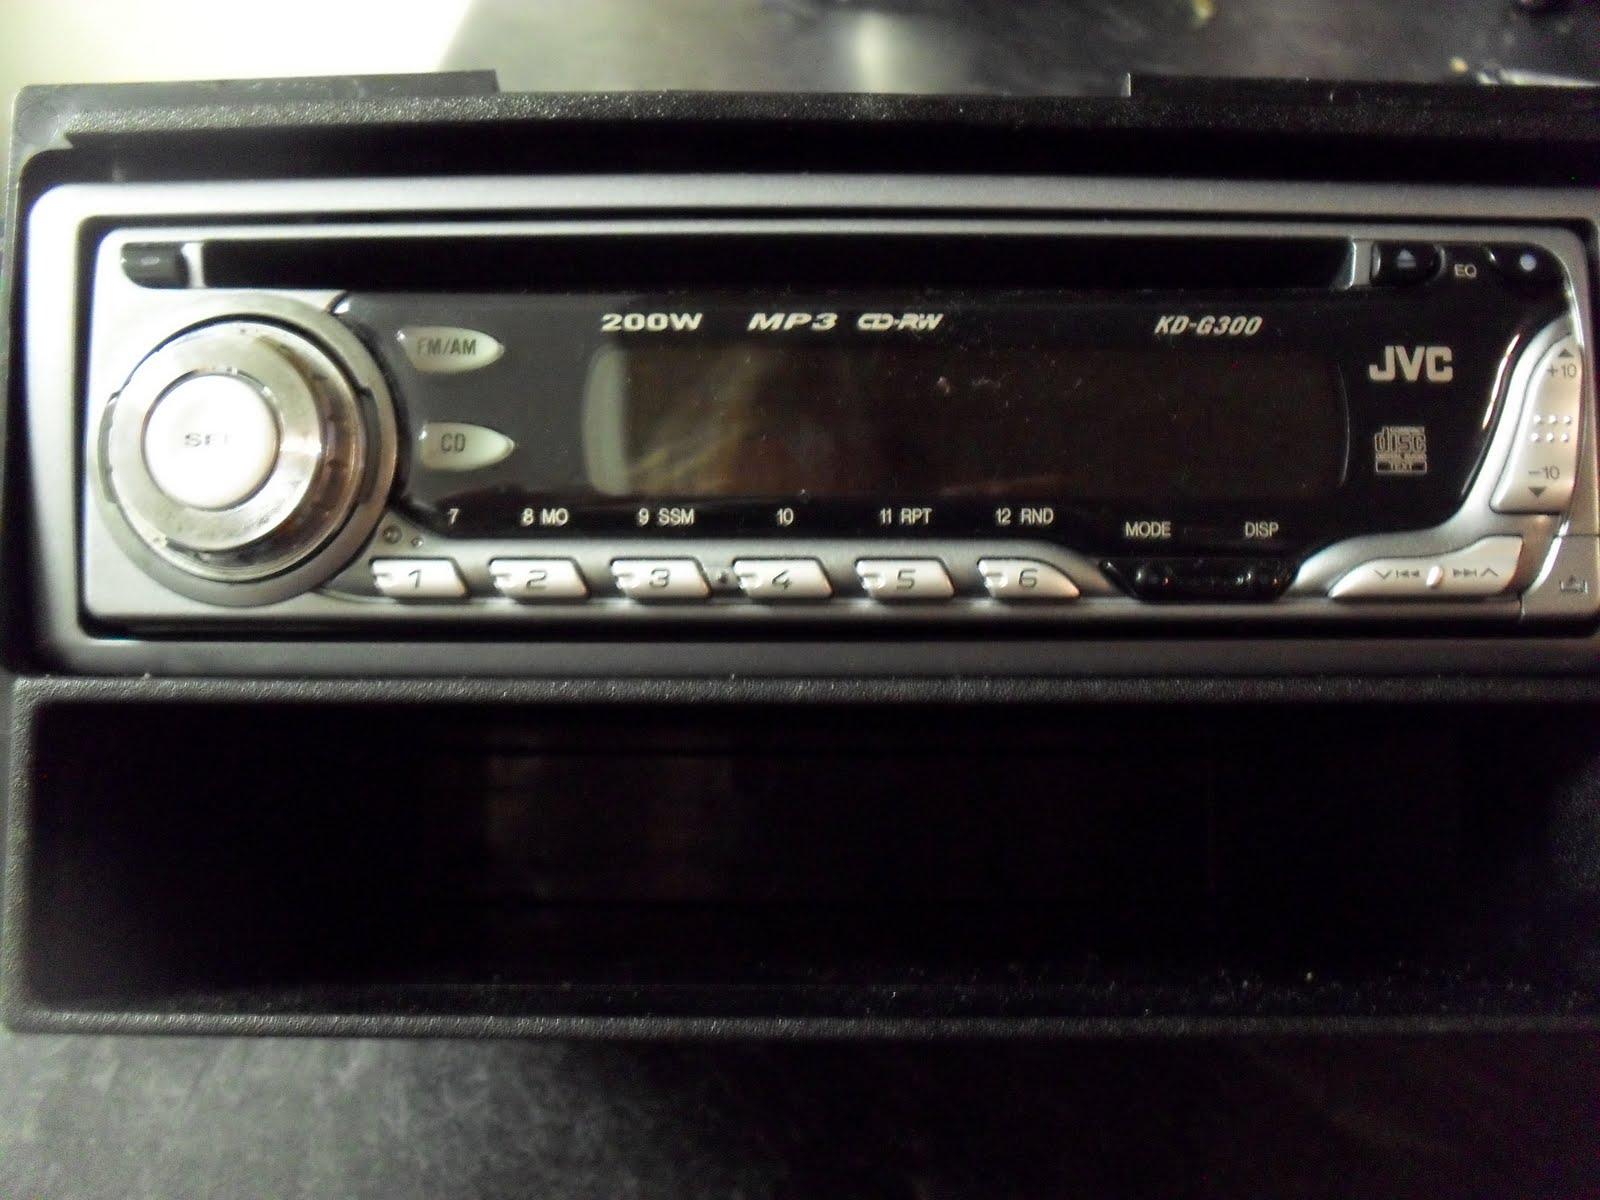 Virtual Garage Sale: JVC KD-G300 In-dash Car Stereo MP3/CD